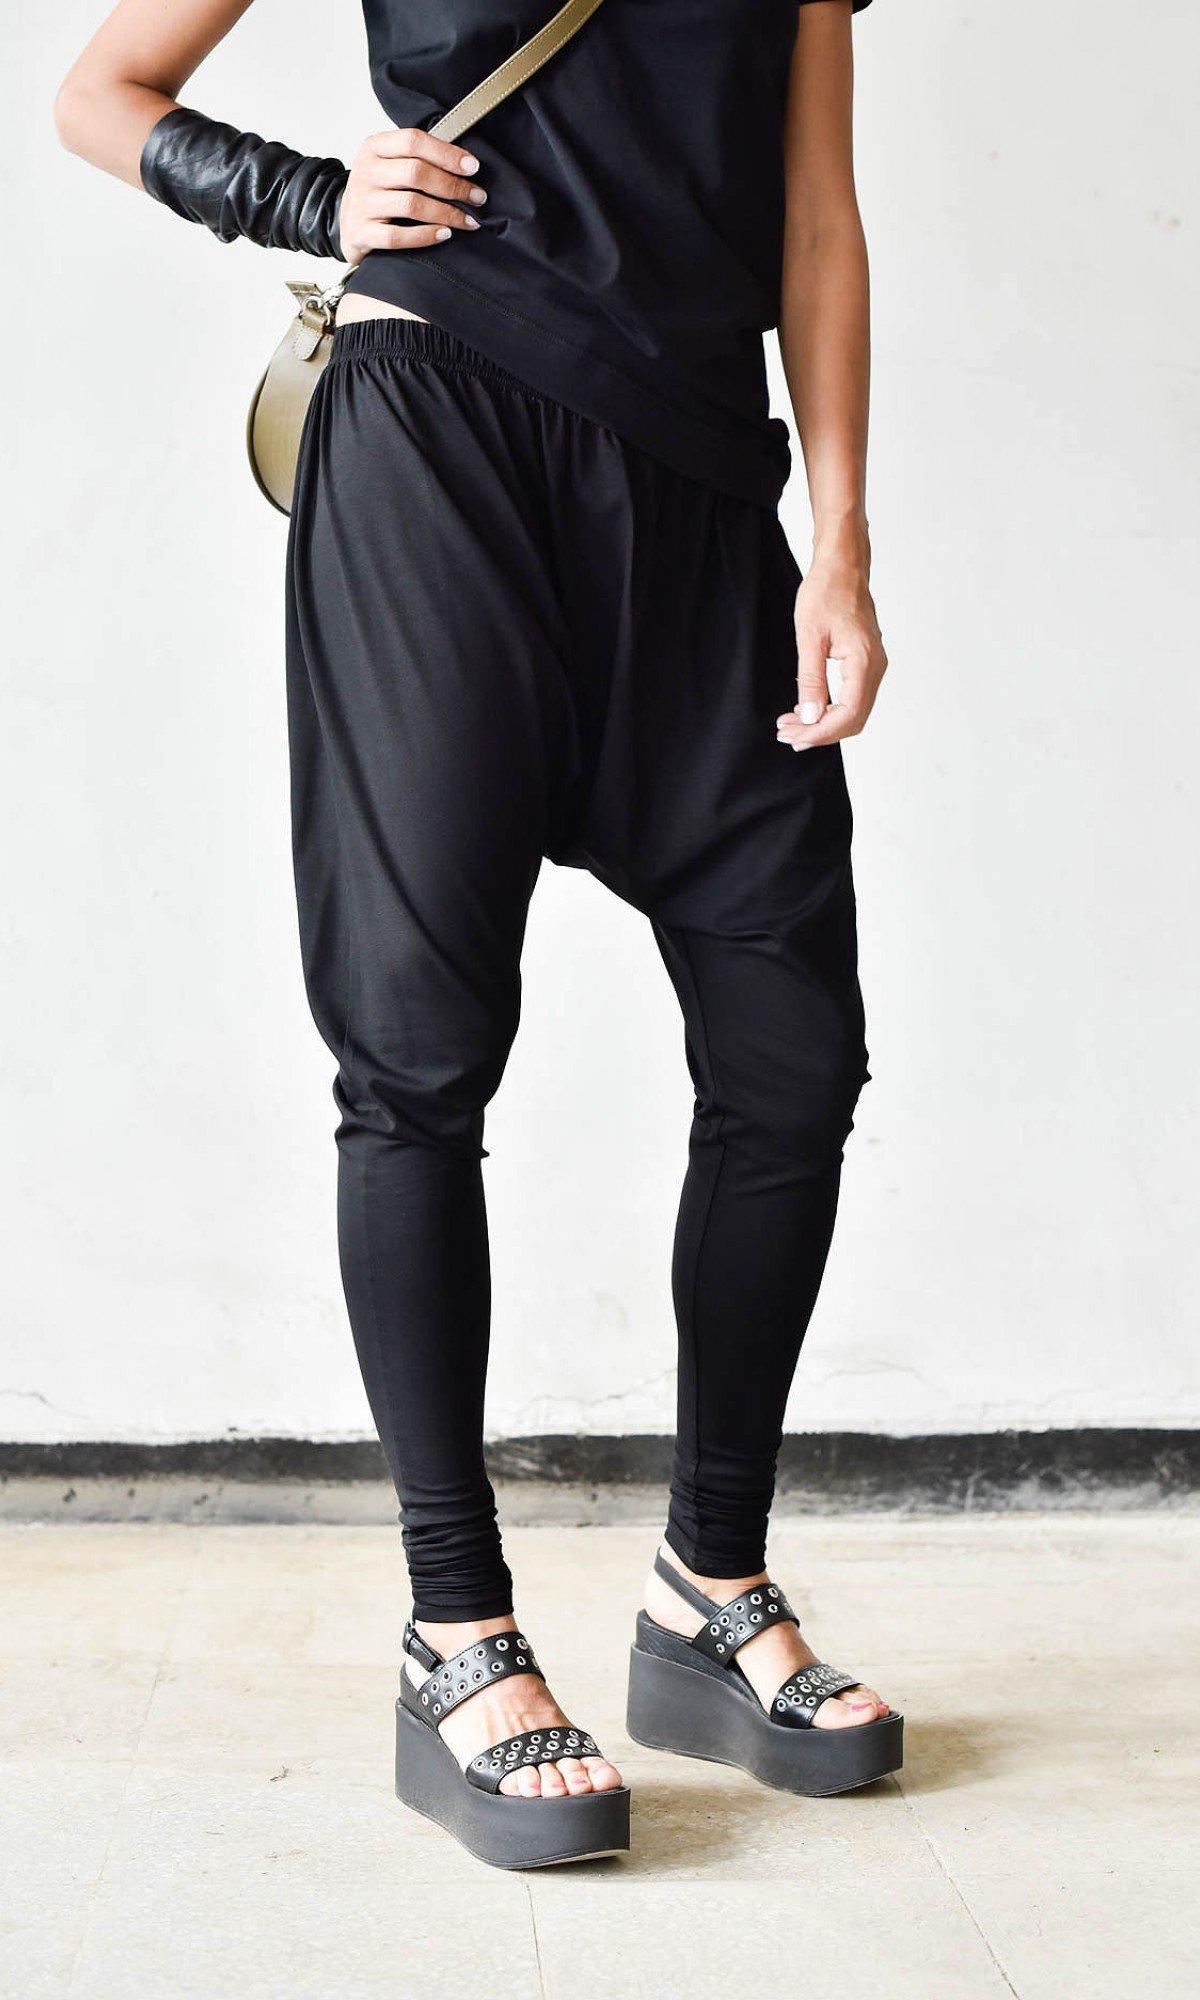 Casual Drop Crotch Jogger Pants A90323